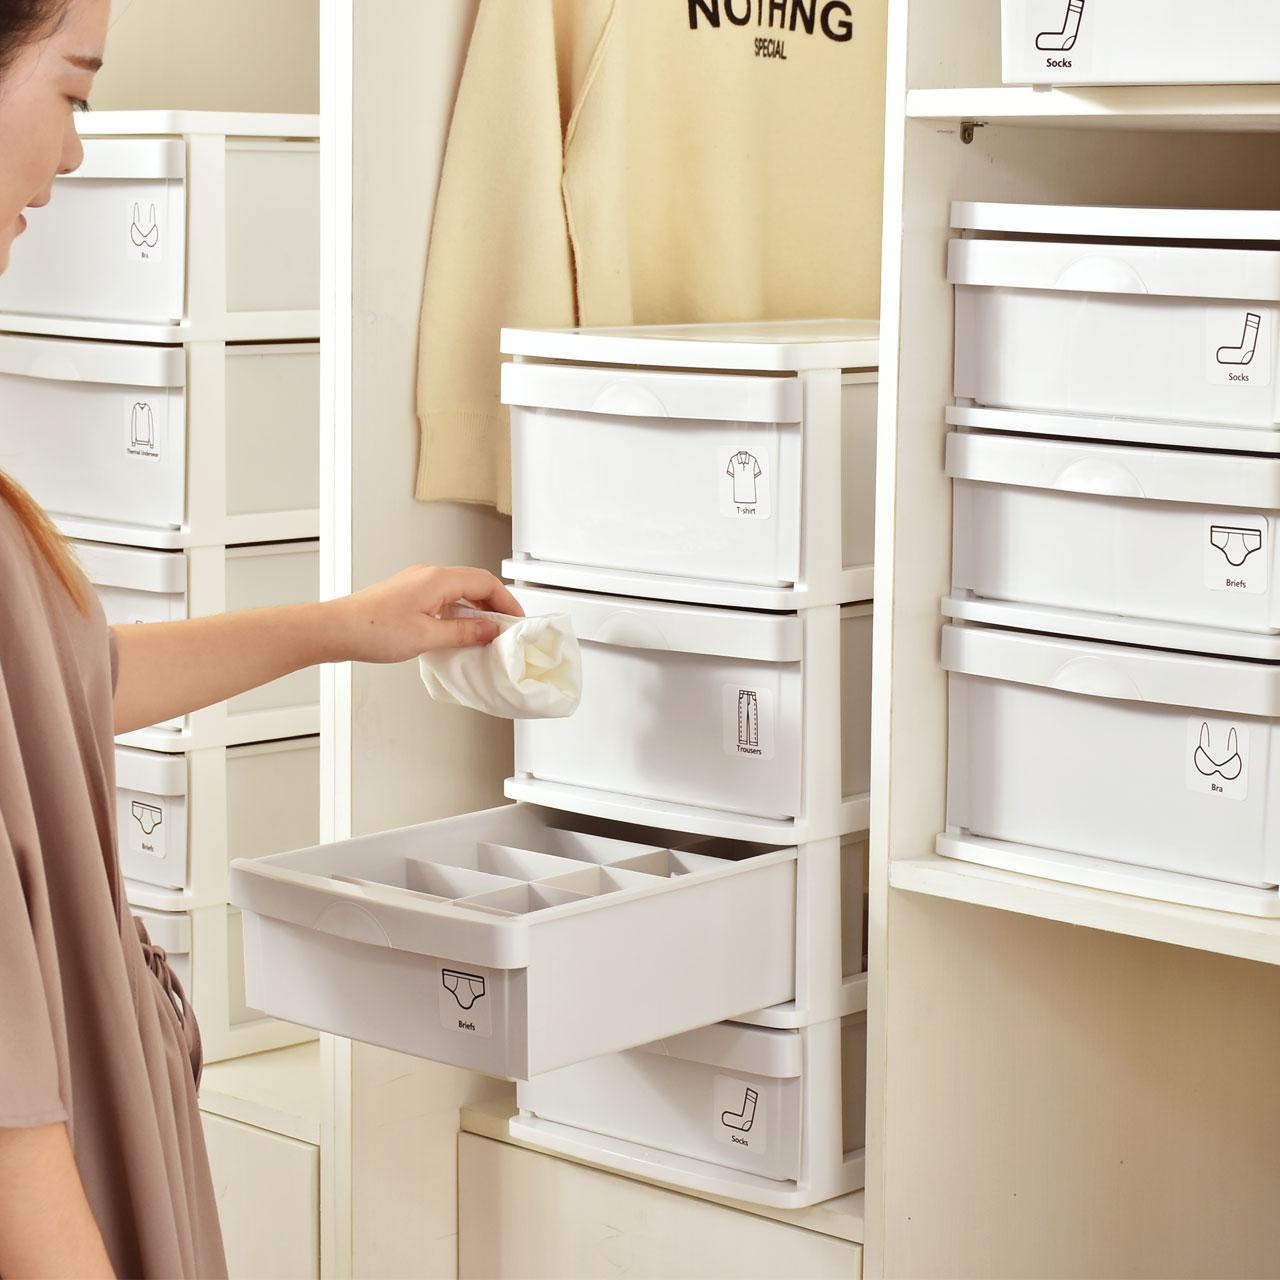 百露内衣收纳盒抽屉式衣柜收纳箱袜子文胸短裤整理盒塑料分格整理